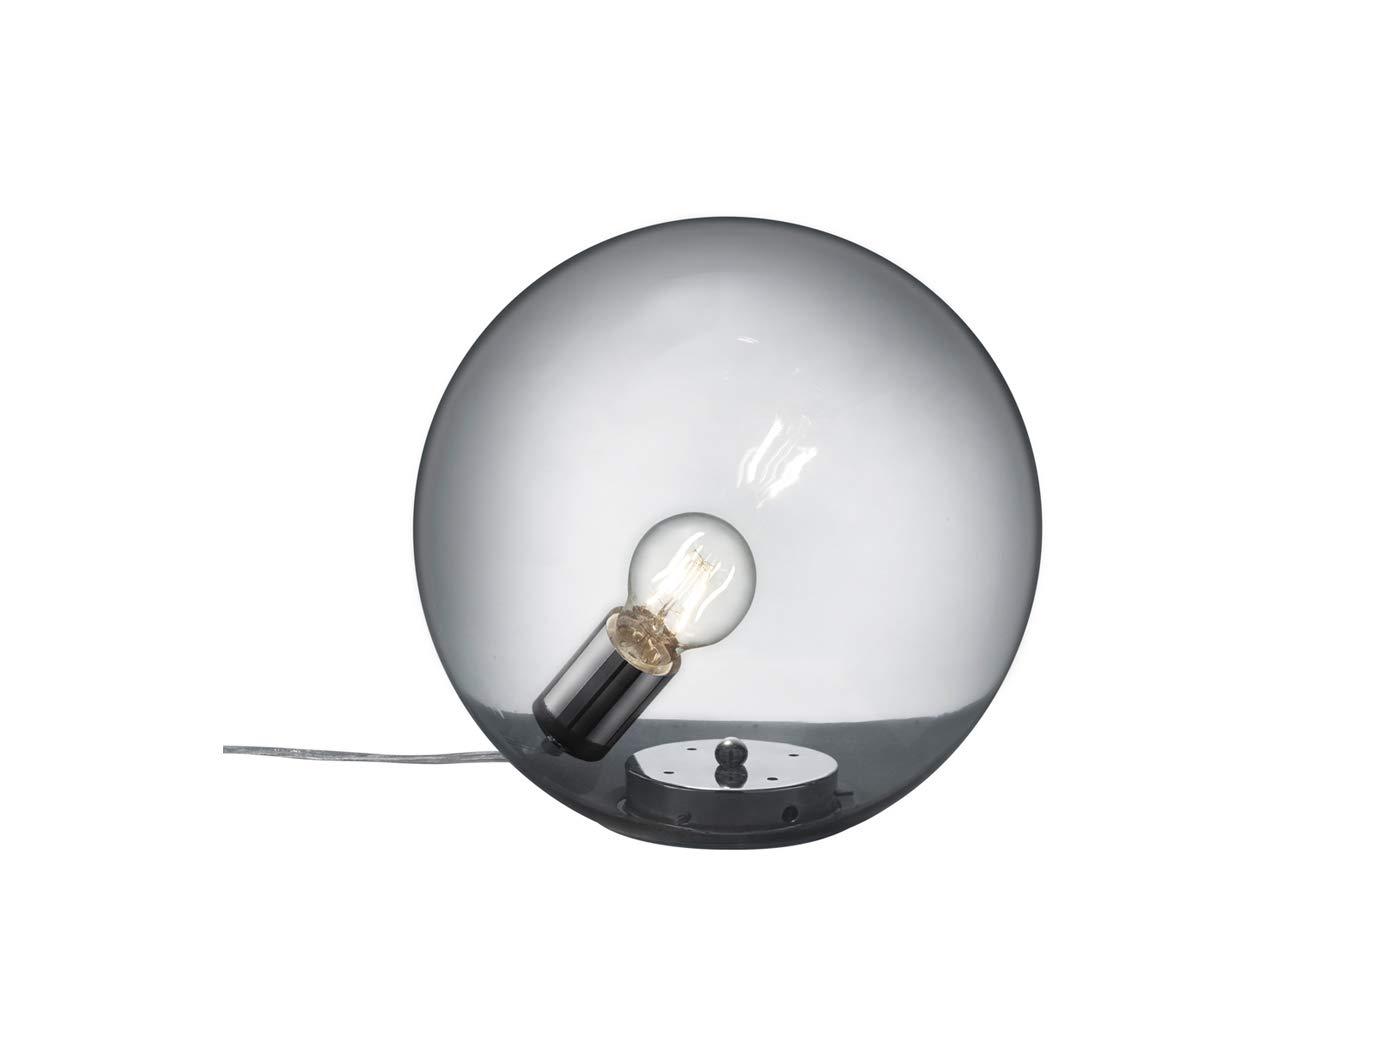 Elegante Glaskugel Tischleuchte MIDAS aus glänzendem glänzendem glänzendem Metall & rauchfarbigem Glas, tropfenförmig a65eac